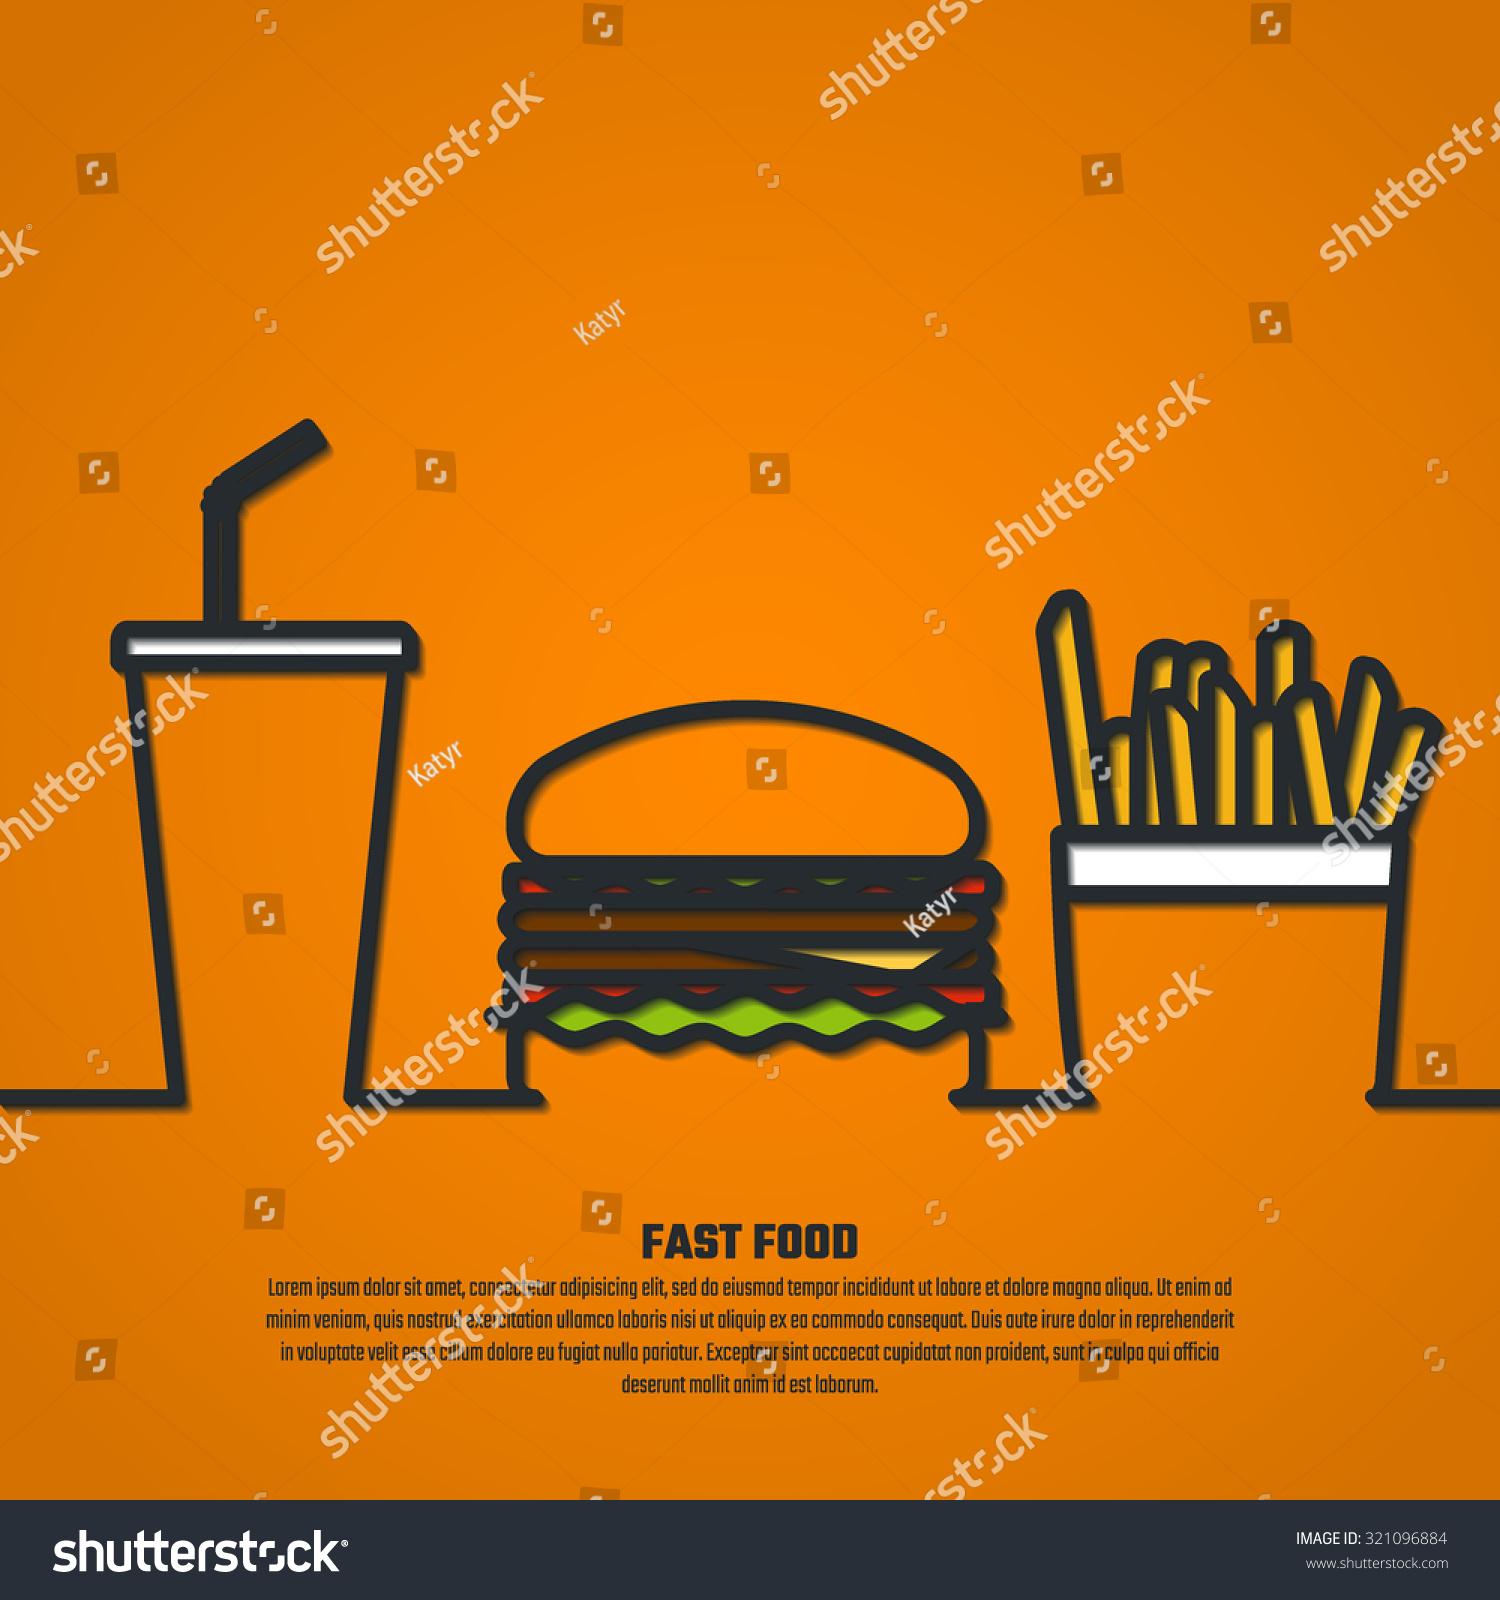 Vector Illustration Outline Fast Food Design Website Stock Vector